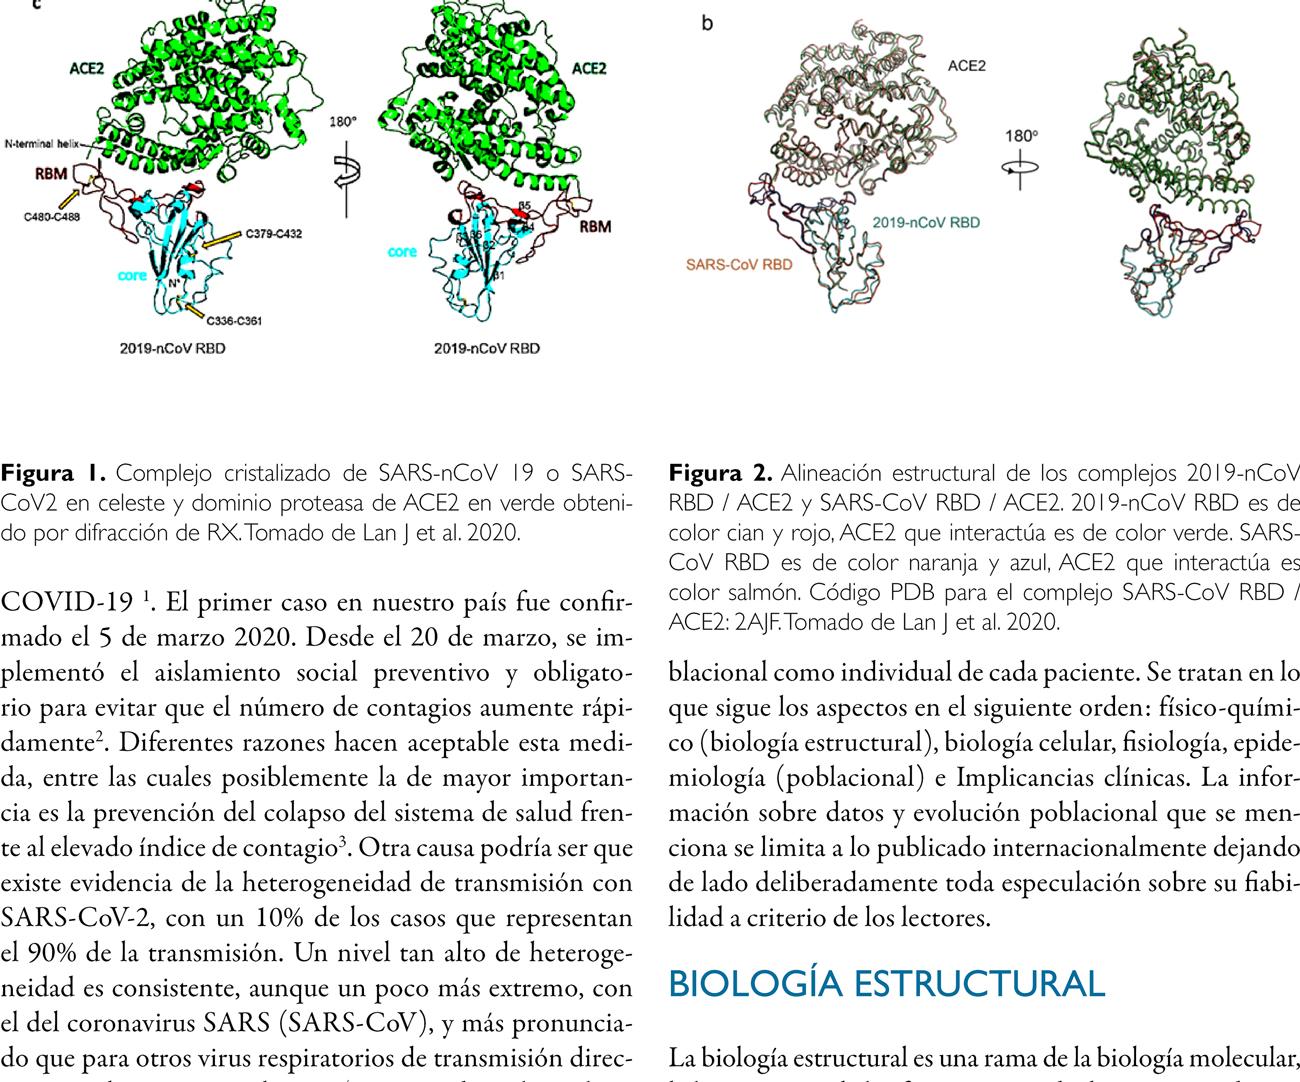 SARS nCoV-19 y ACE2: Cumbres borrascosas. Una relación intensa, estrecha, escondida o devastadora, pero siempre profunda